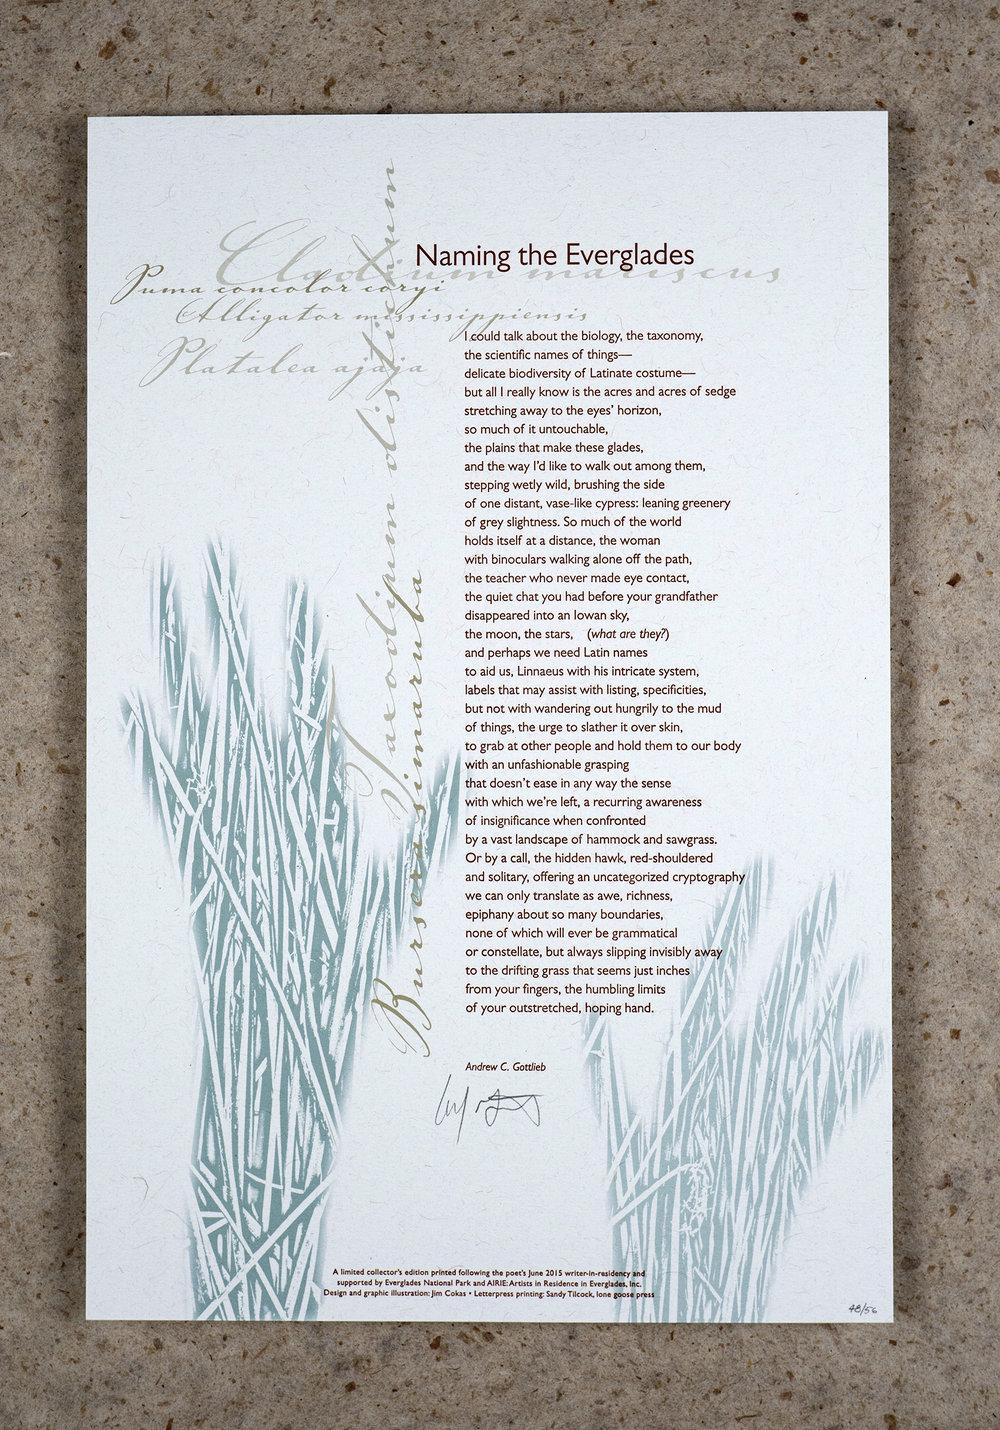 Gottlieb-Everglades-2400px.jpg